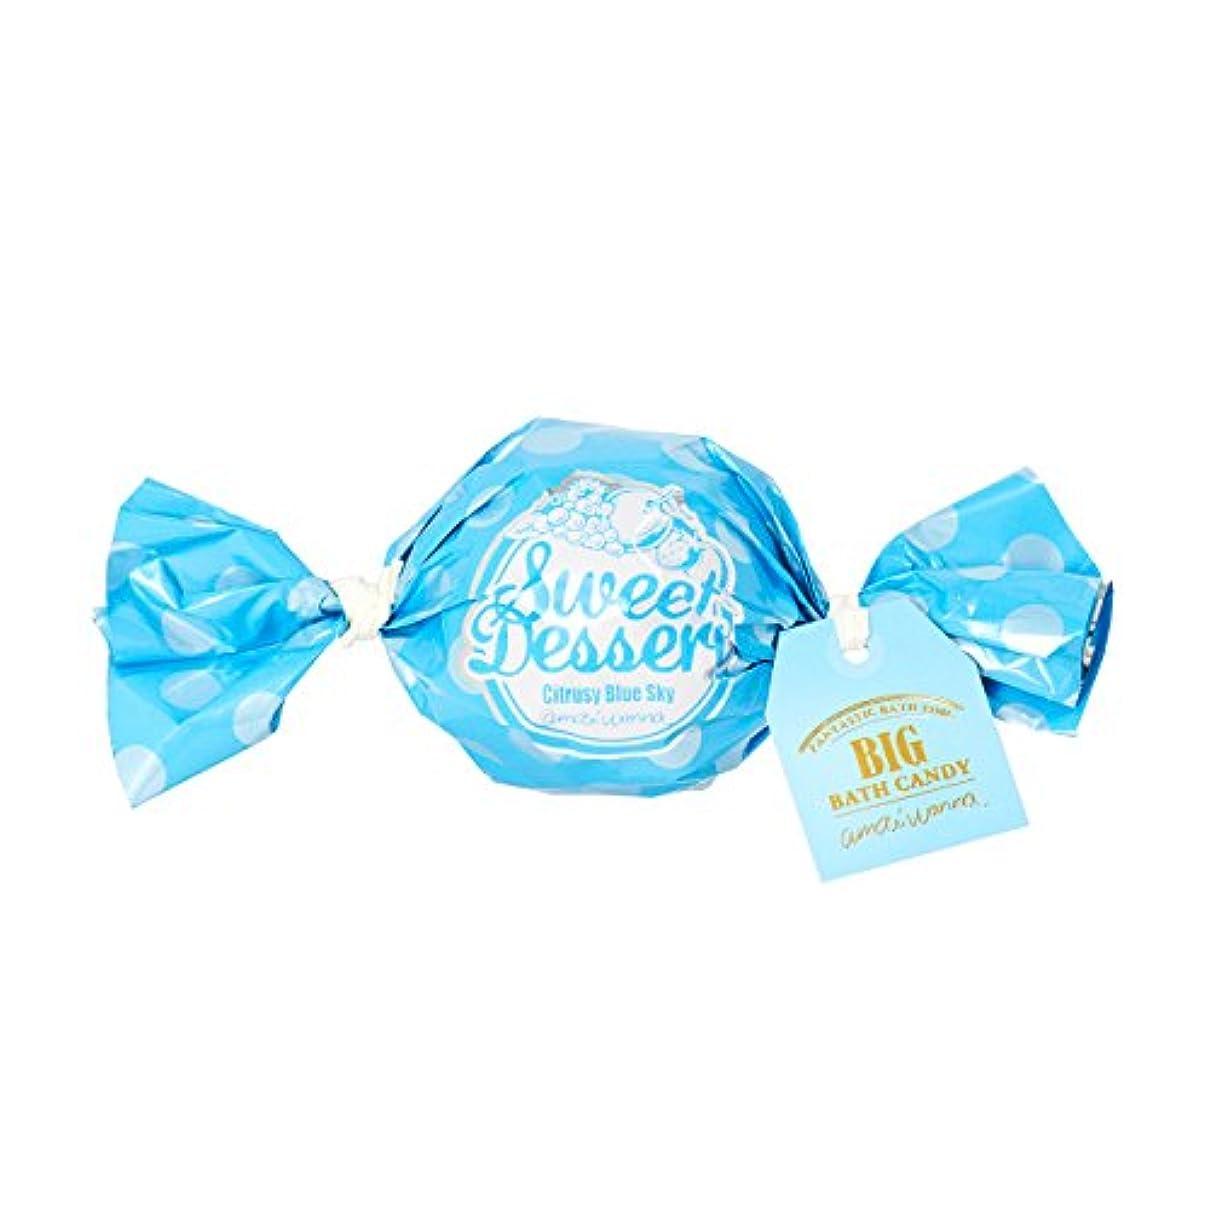 目の前のカメラワームアマイワナ ビッグバスキャンディー 青空シトラス 100g(発泡タイプ入浴料 おおらかで凛としたシトラスの香り)